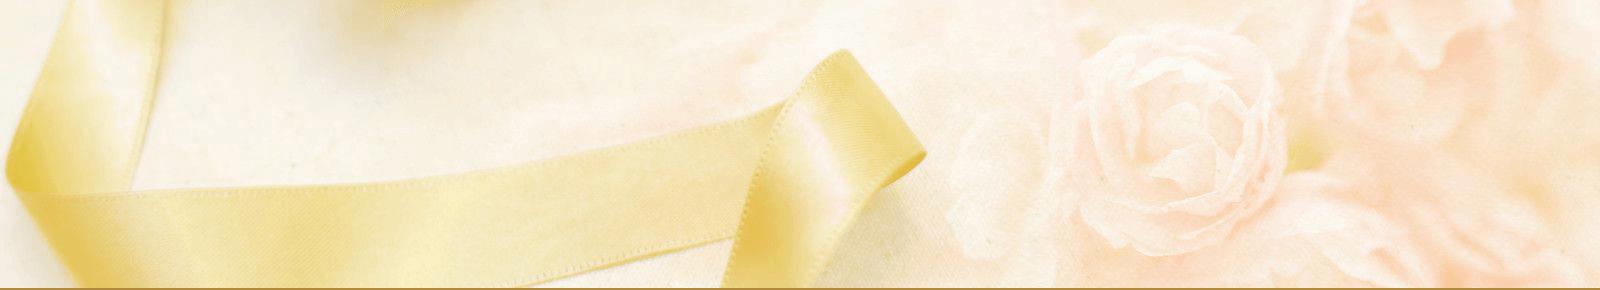 家庭内別居を解消☆夫婦円満のコツ☆セックスレス夫婦のためのブログ